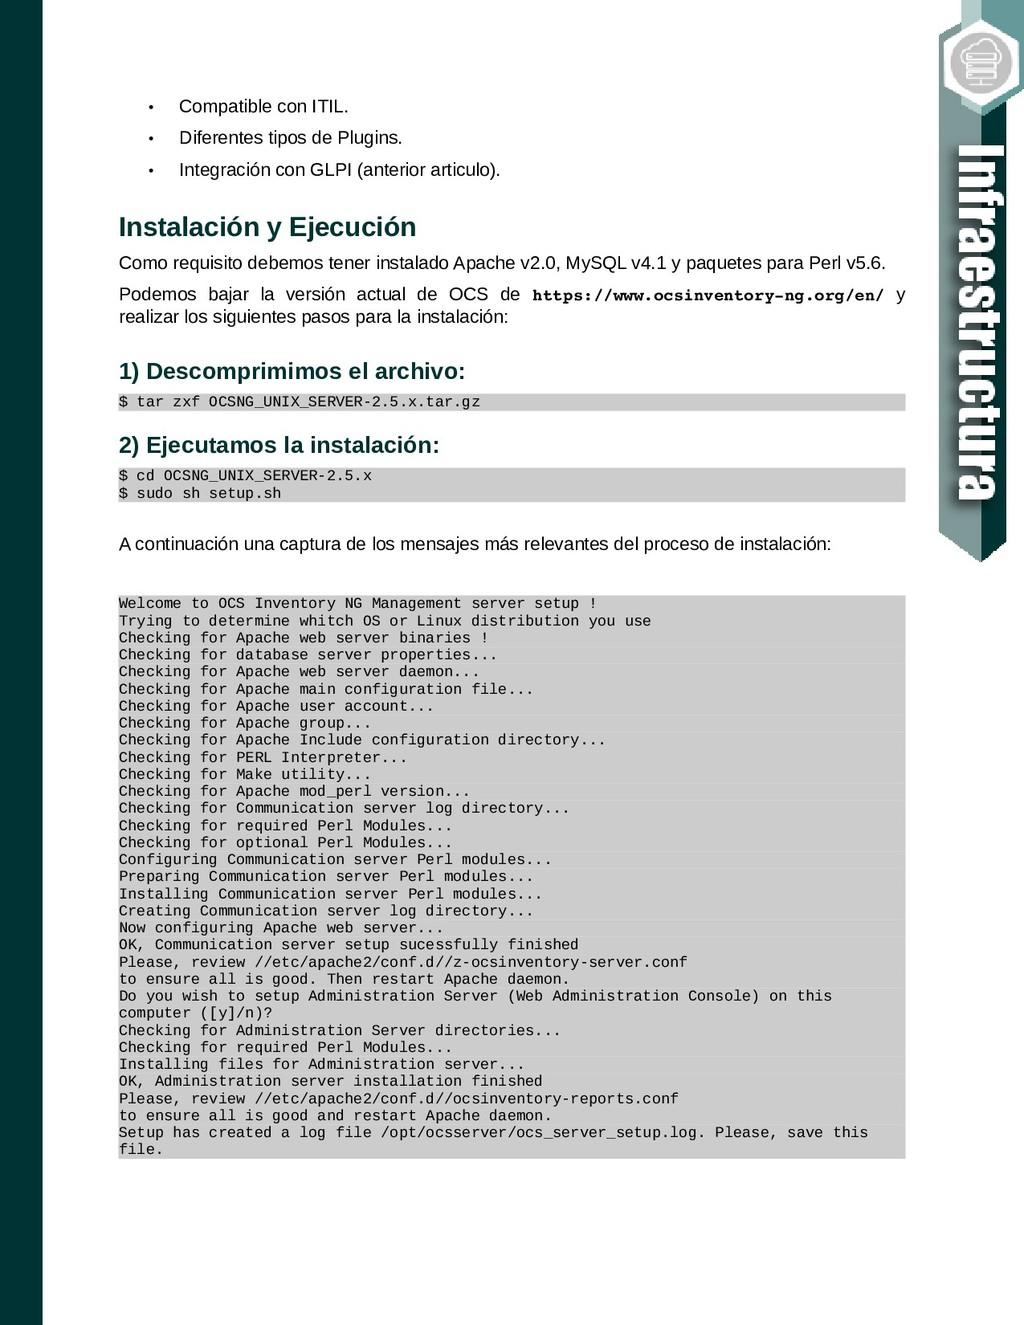 • Compatible con ITIL. • Diferentes tipos de Pl...